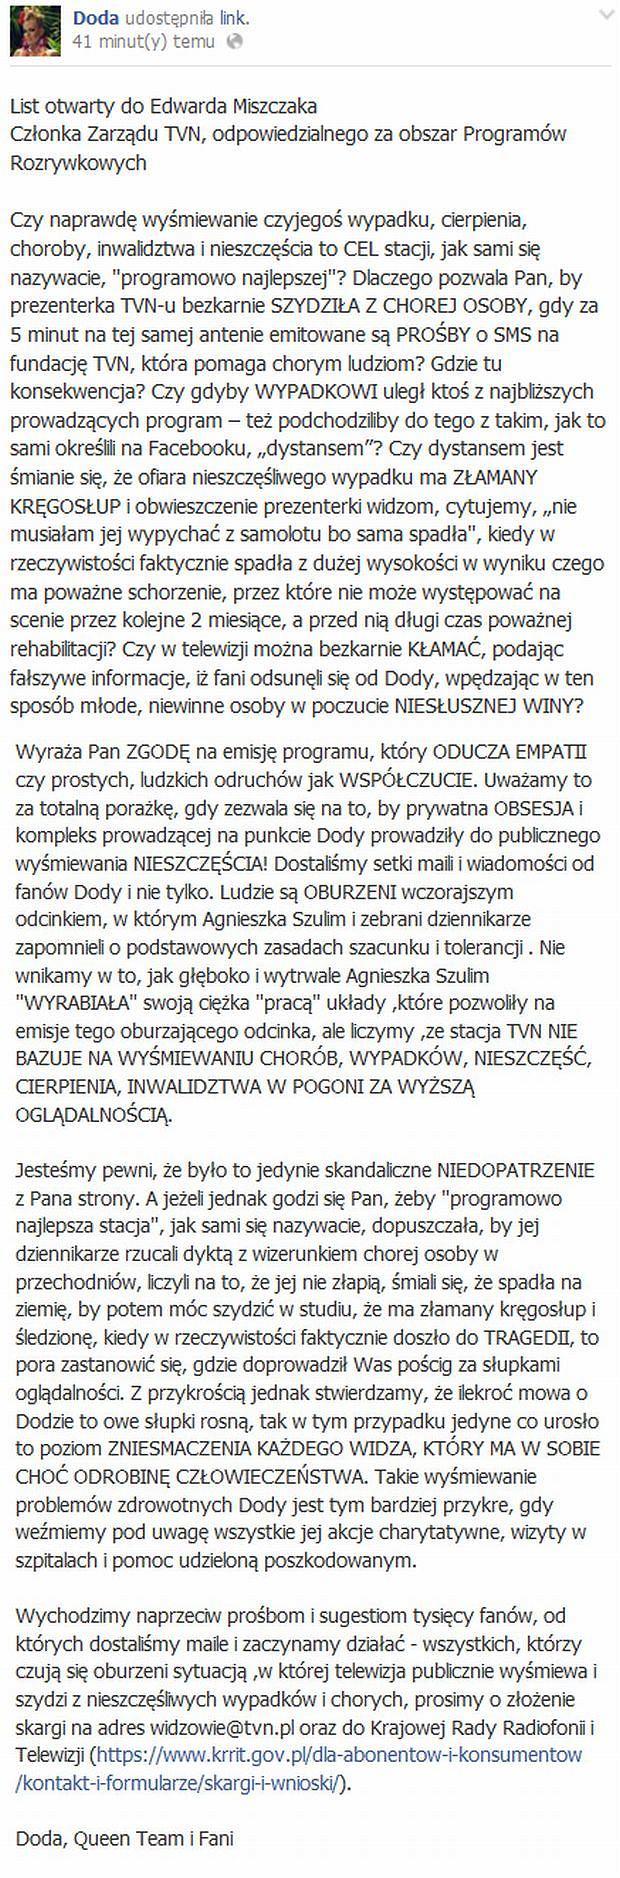 List otwarty Dody do Edwarda Miszczaka